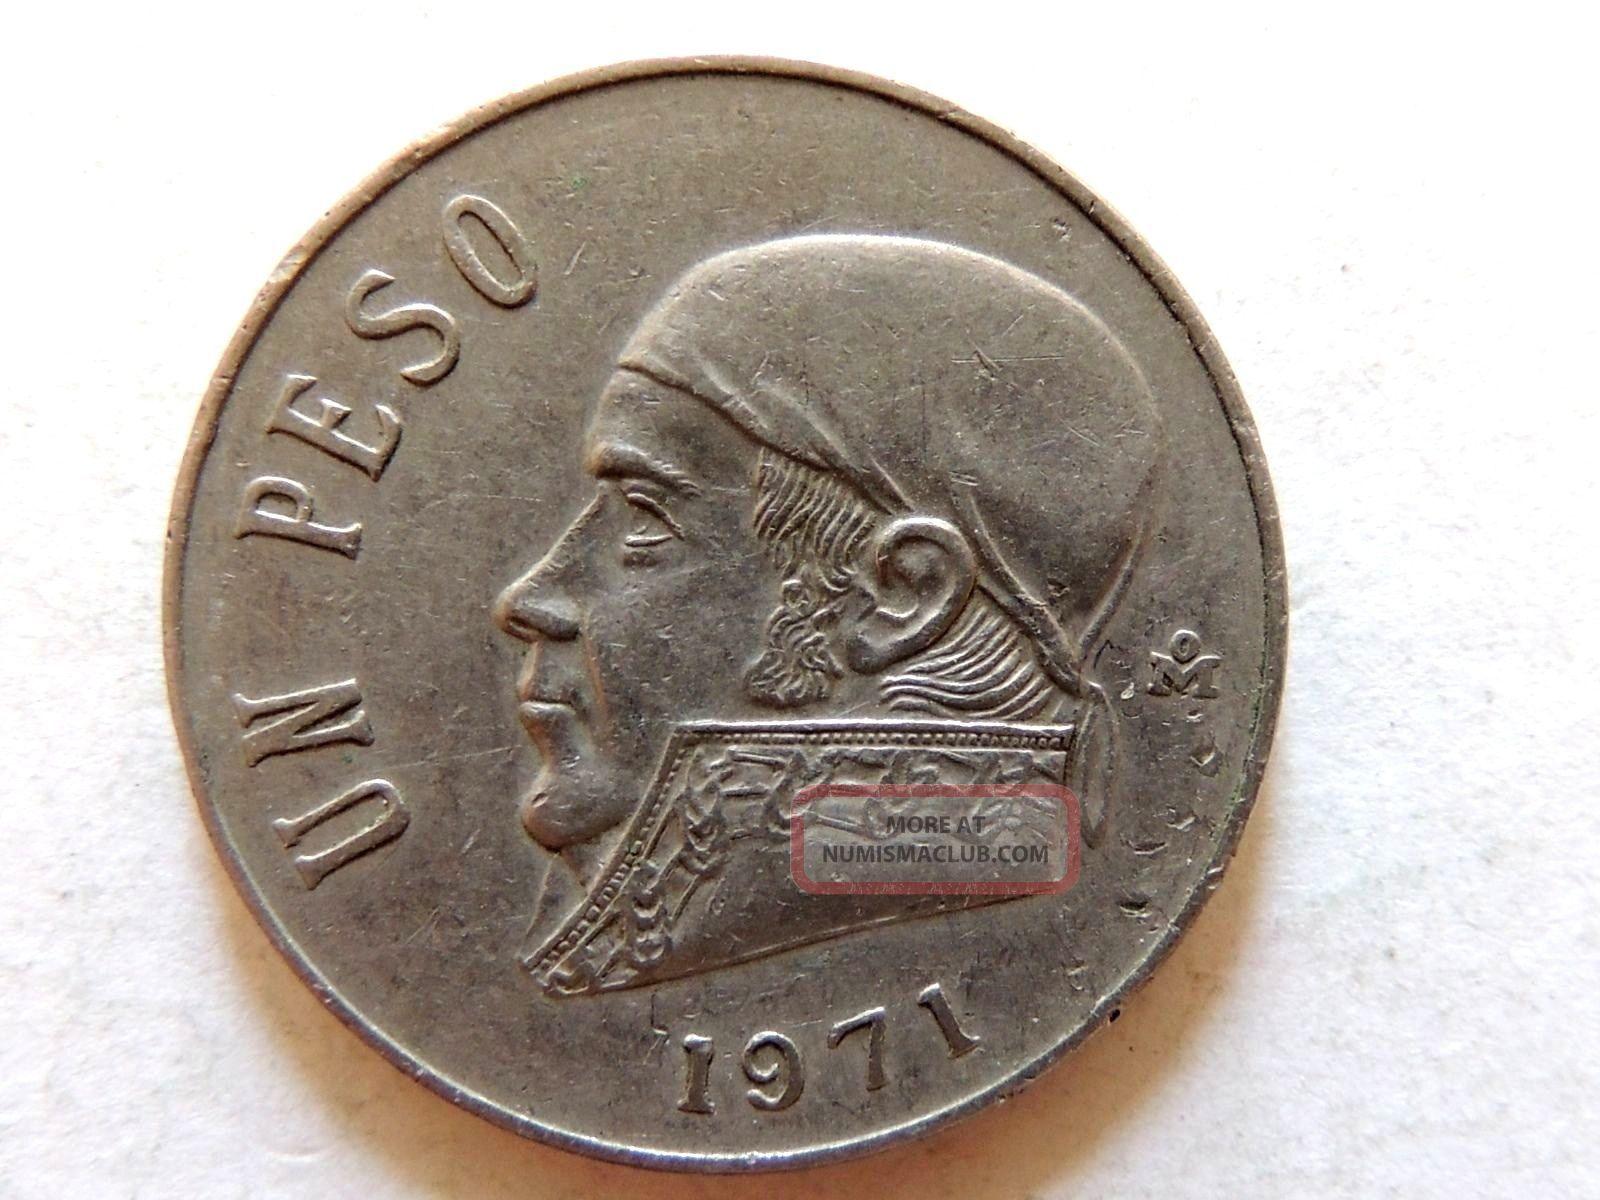 1971 Mexican Un 1 Peso Coin